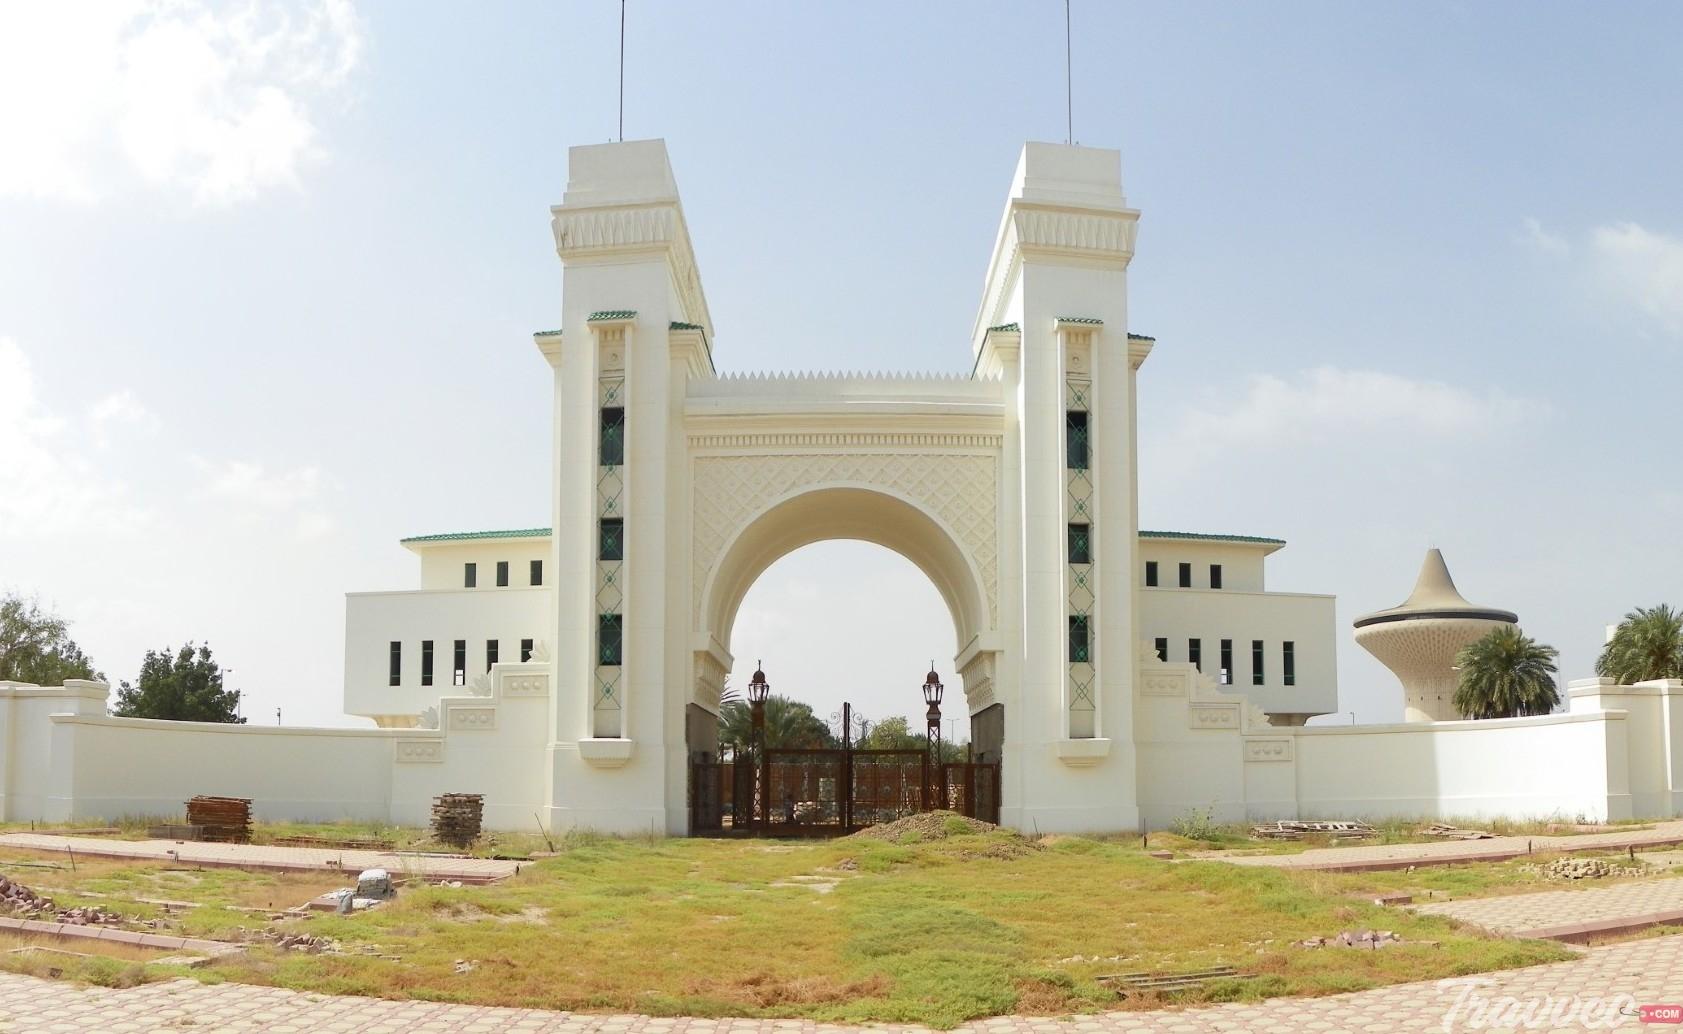 أفضل متاحف السعودية التي ننصح بزيارتها - المتحف الوطني بالرياض